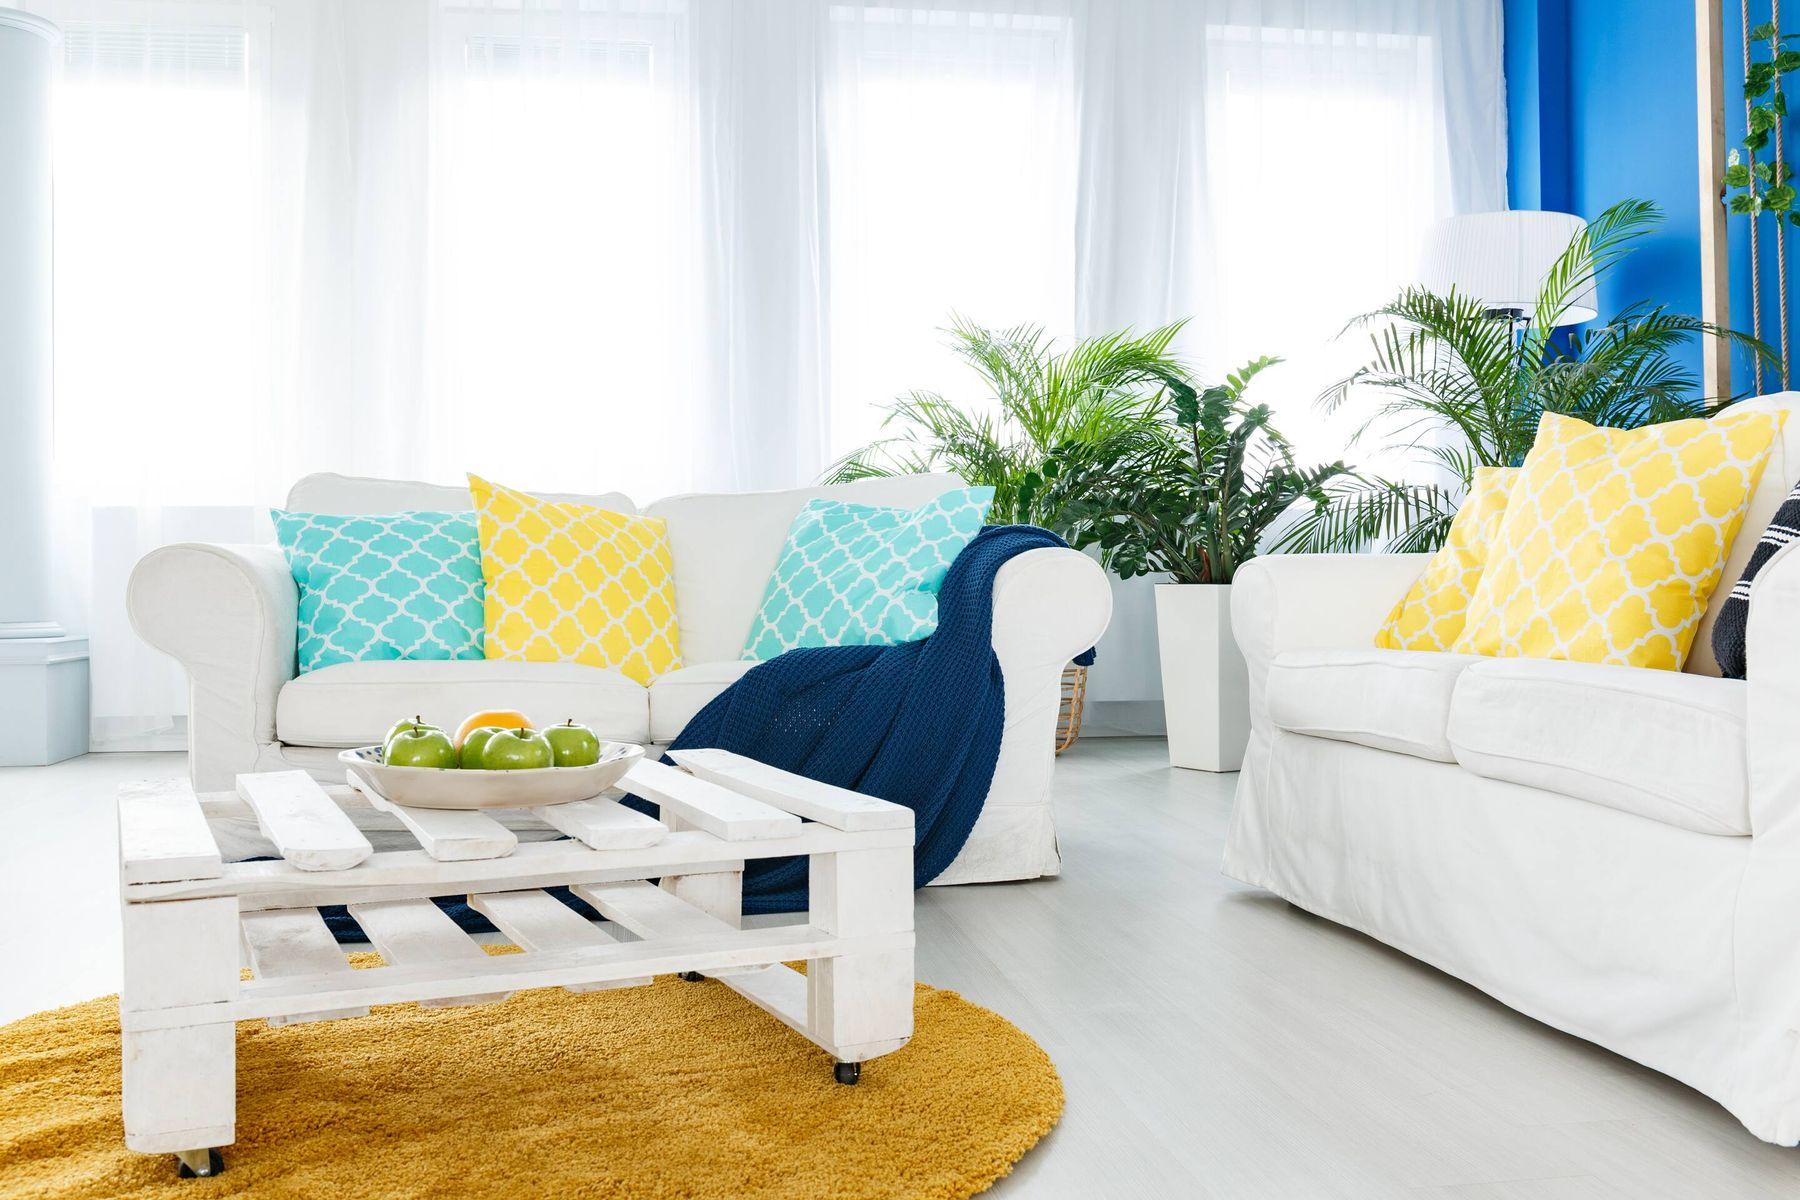 Trang trí phòng khách nhà ống với gam màu sáng